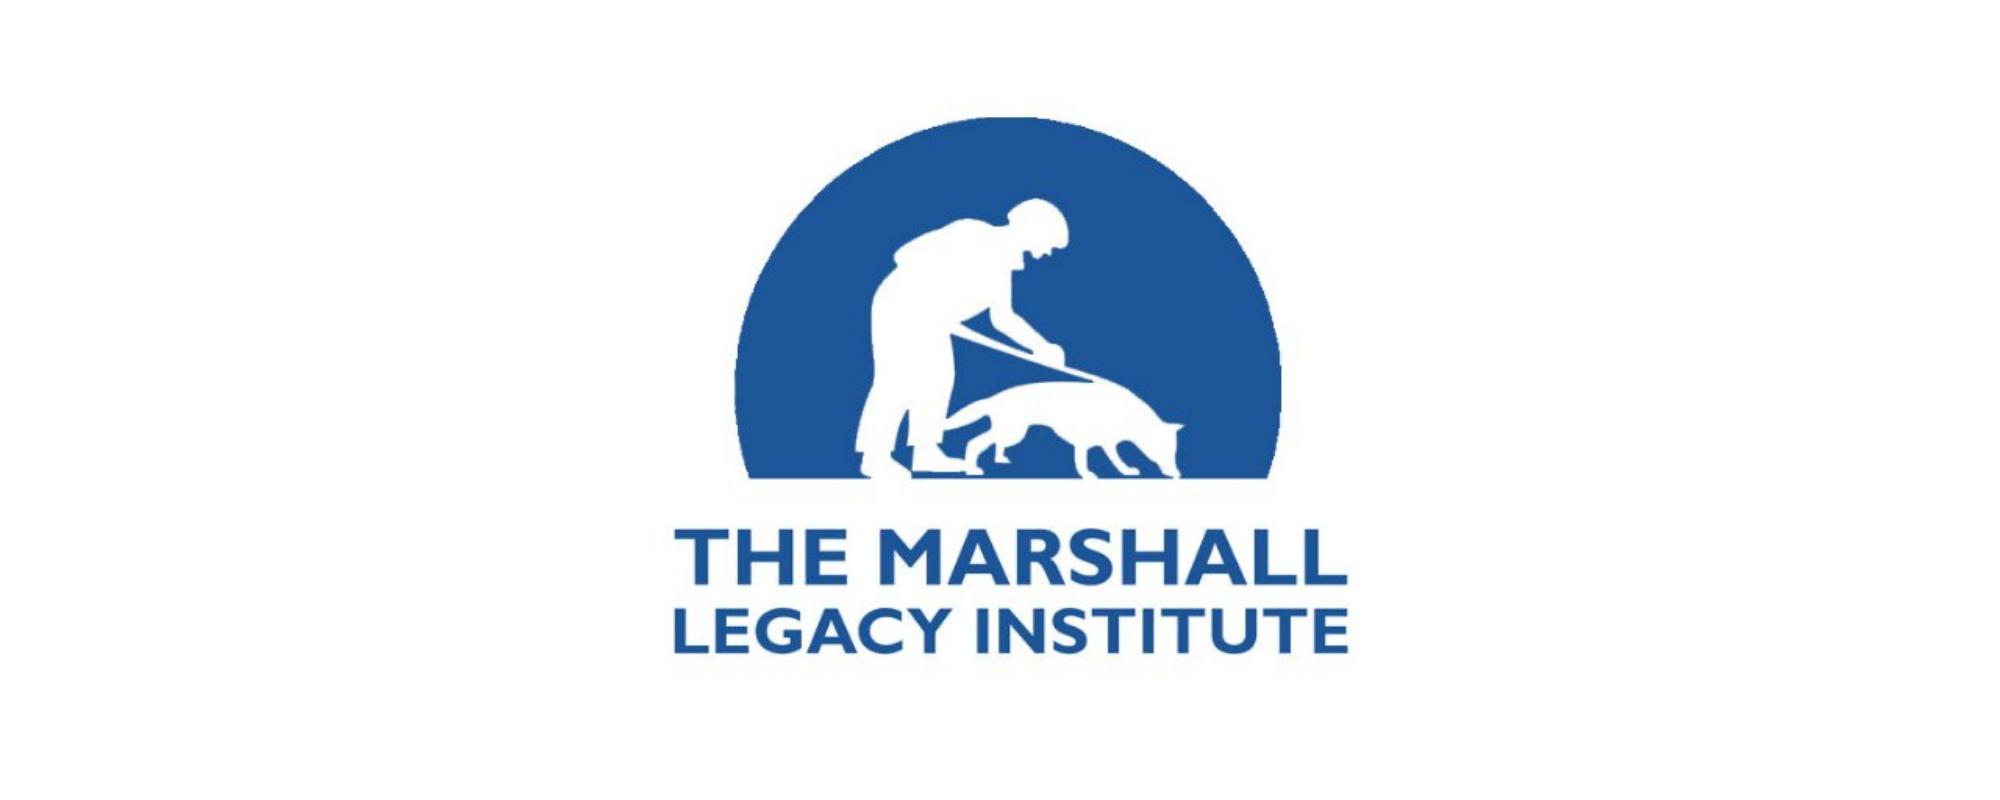 Marshall Legacy Institute Resized 3